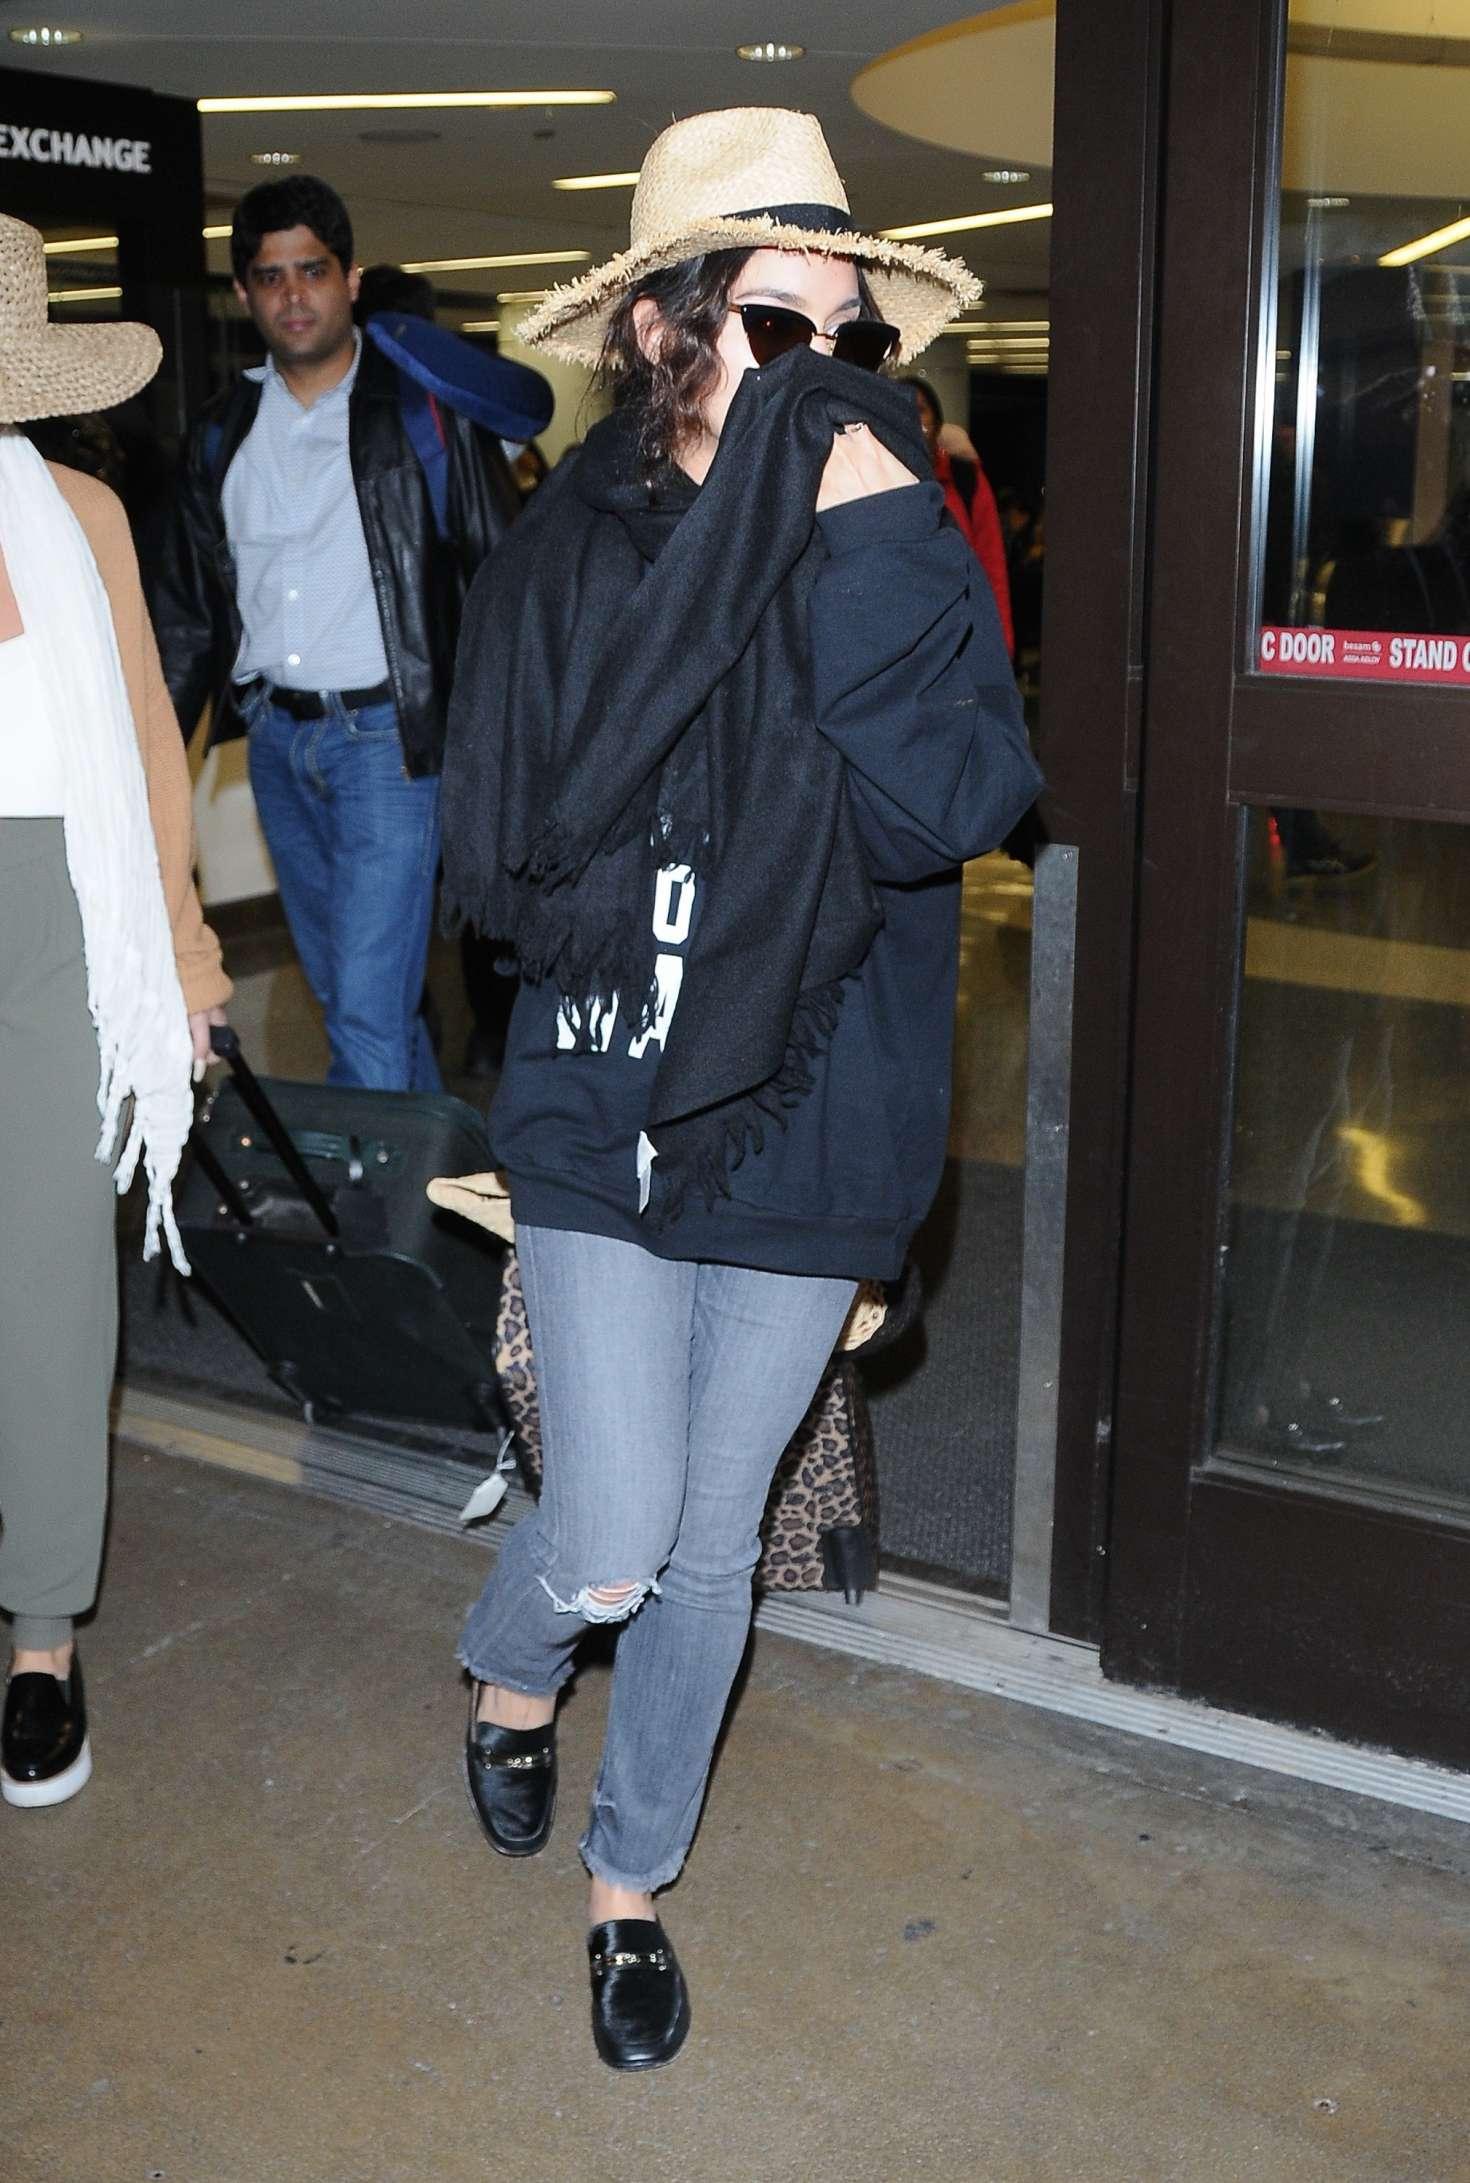 Vanessa Hudgens 2017 : Vanessa Hudgens in Jeans at LAX airport -13